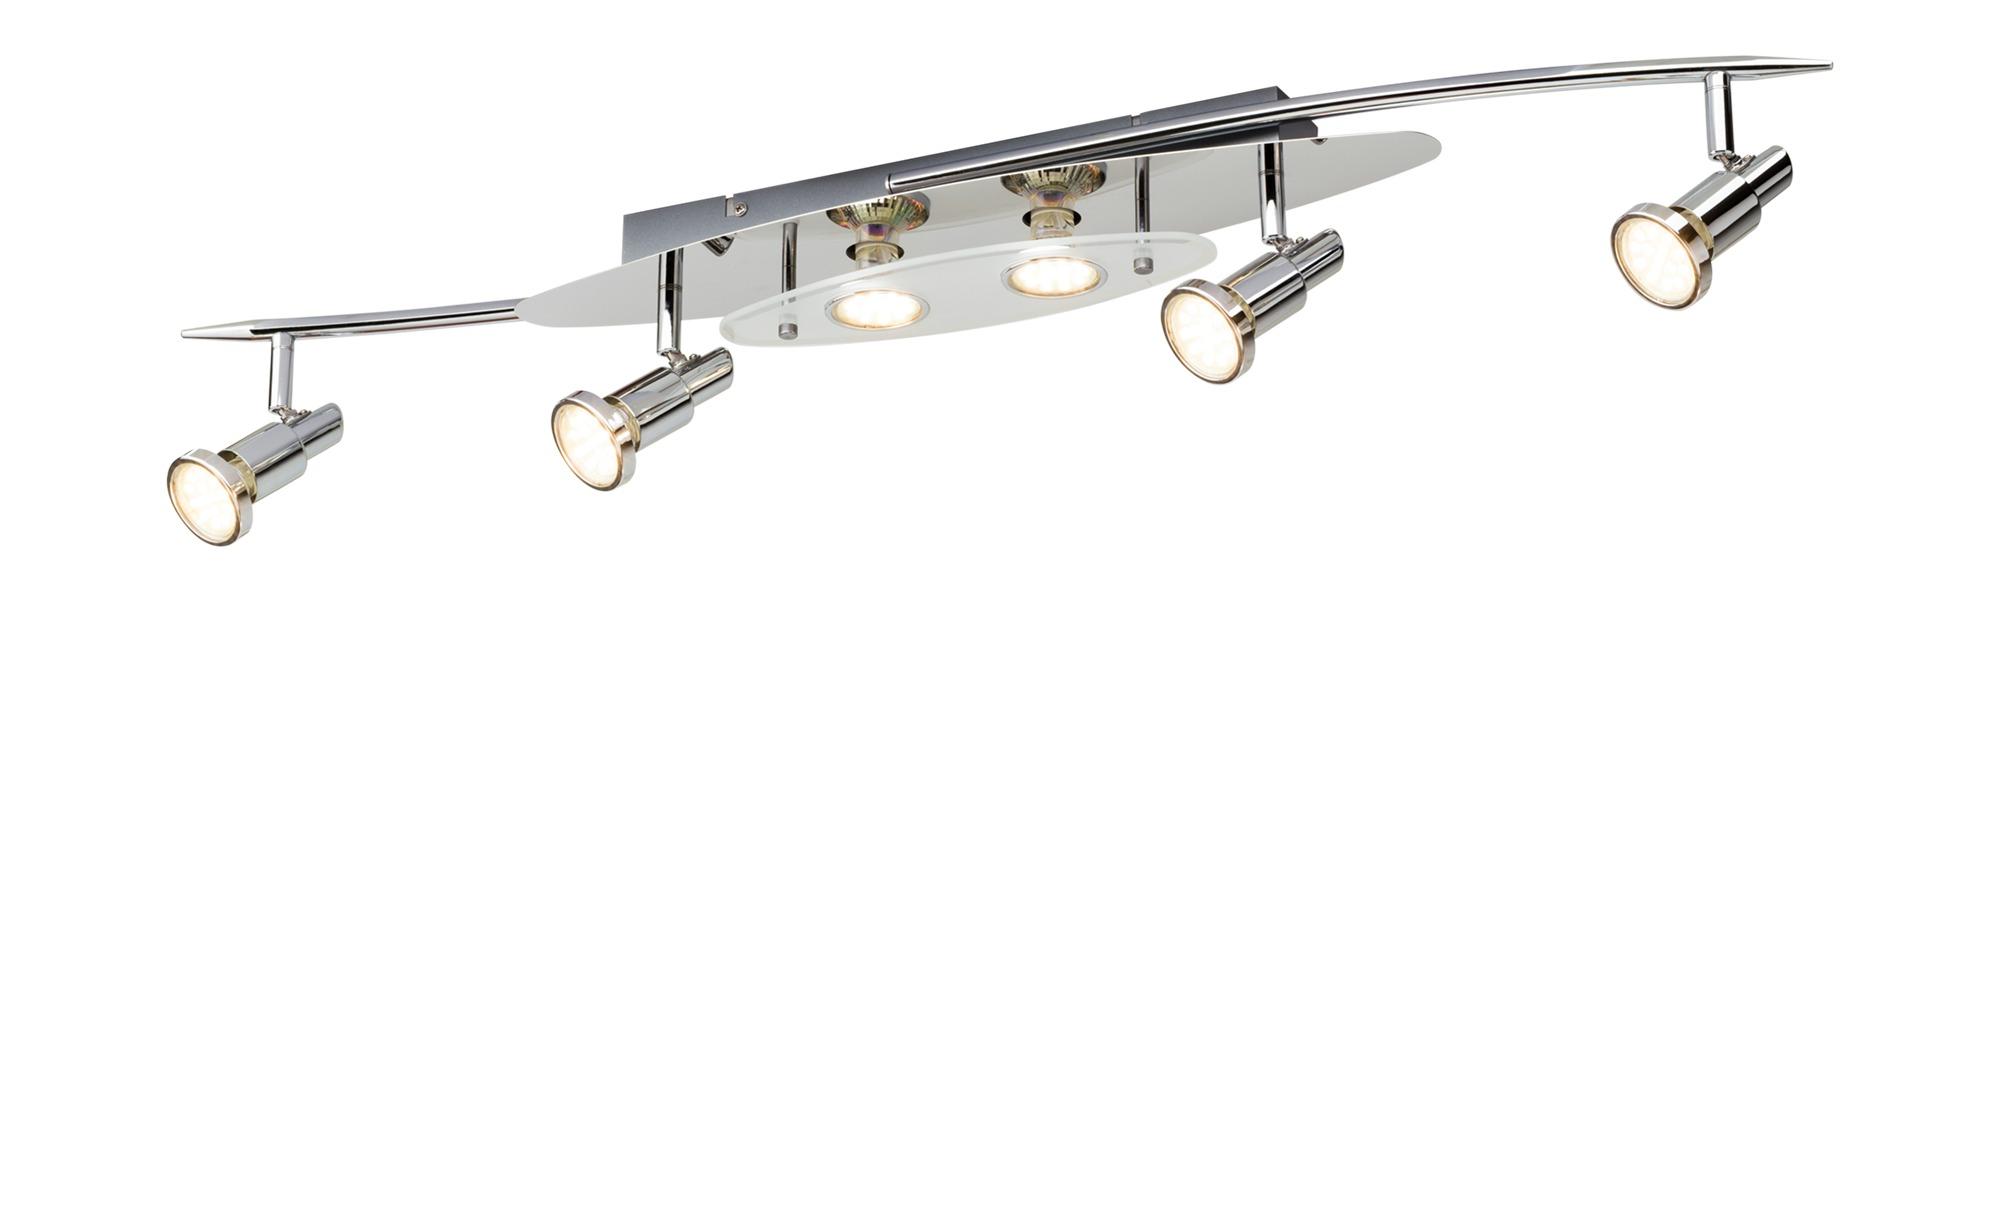 KHG LED-Deckenstrahler silber 6 Spots ¦ silber ¦ Maße (cm): B: 15 H: 14 Lampen & Leuchten > LED-Leuchten > LED-Strahler & Spots - Höffner